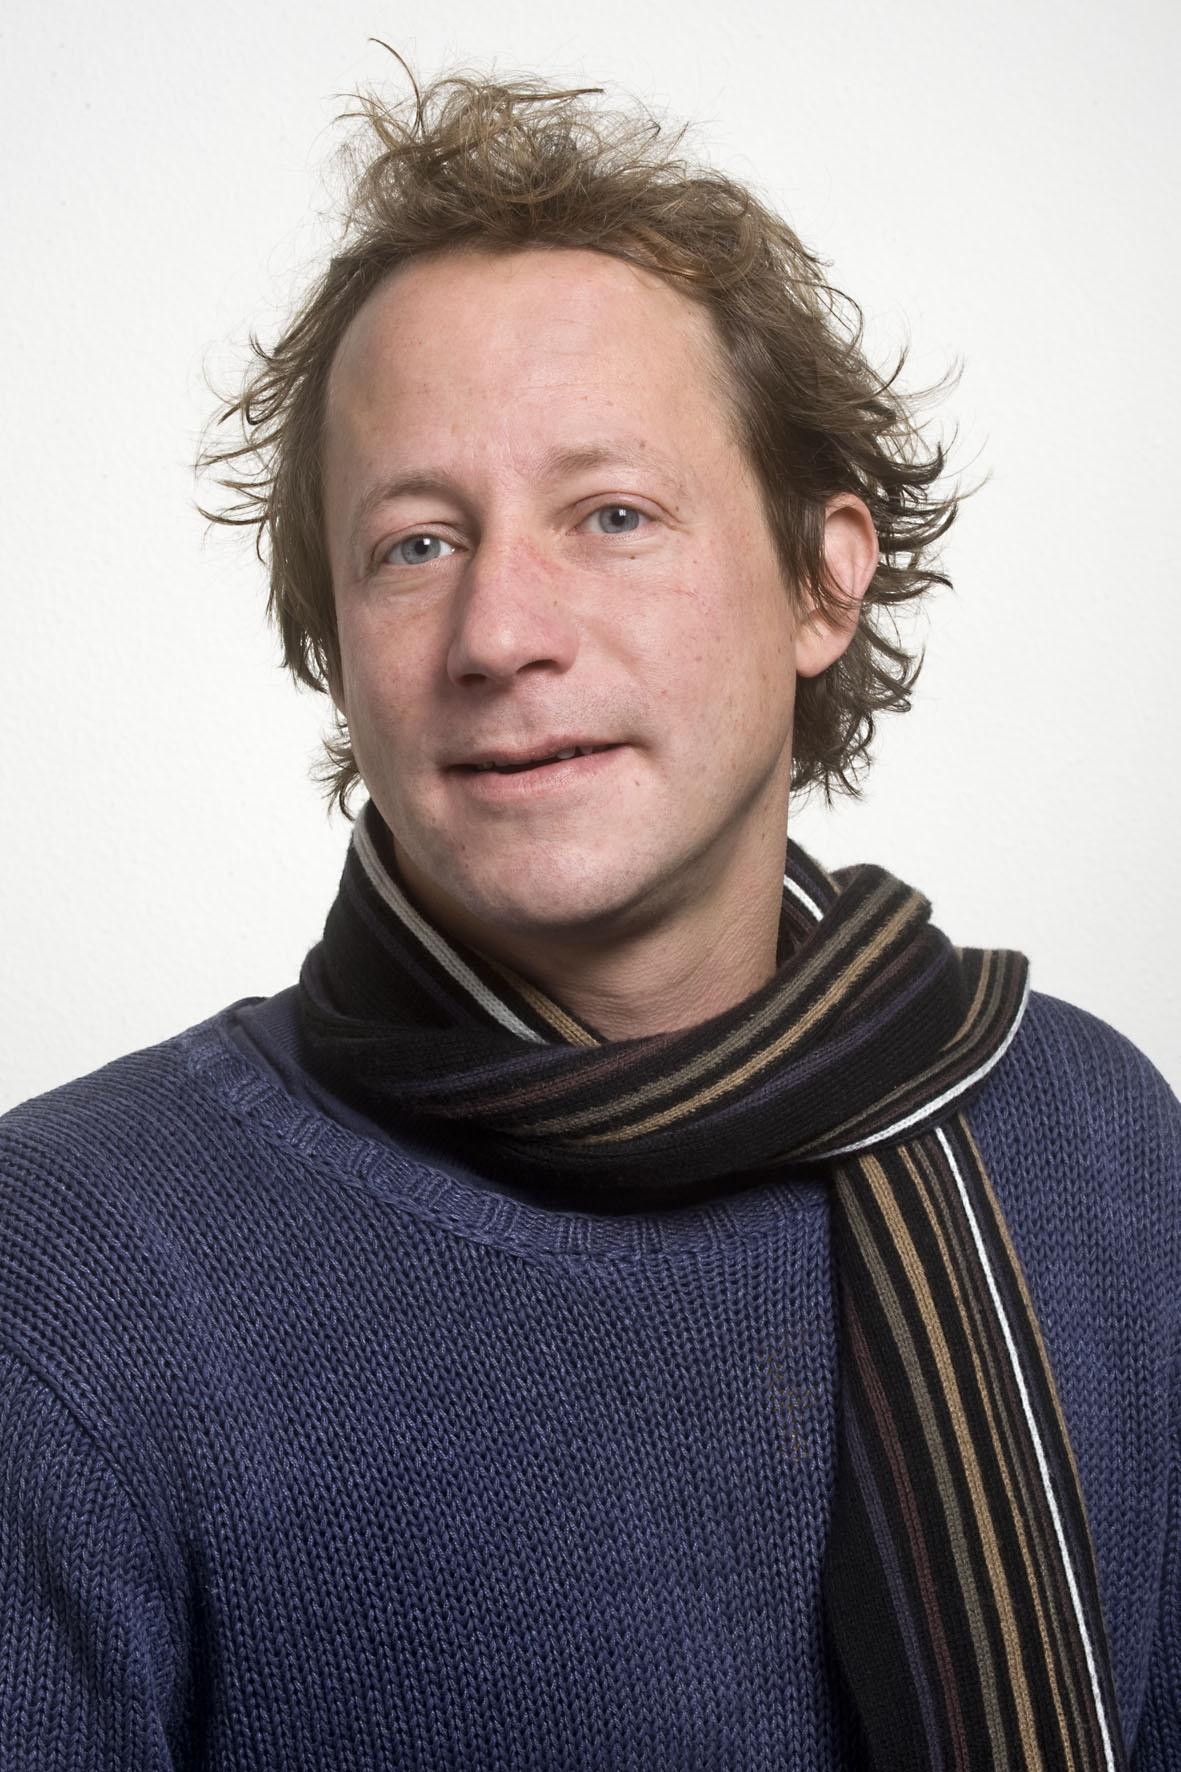 Daniel Augenstein